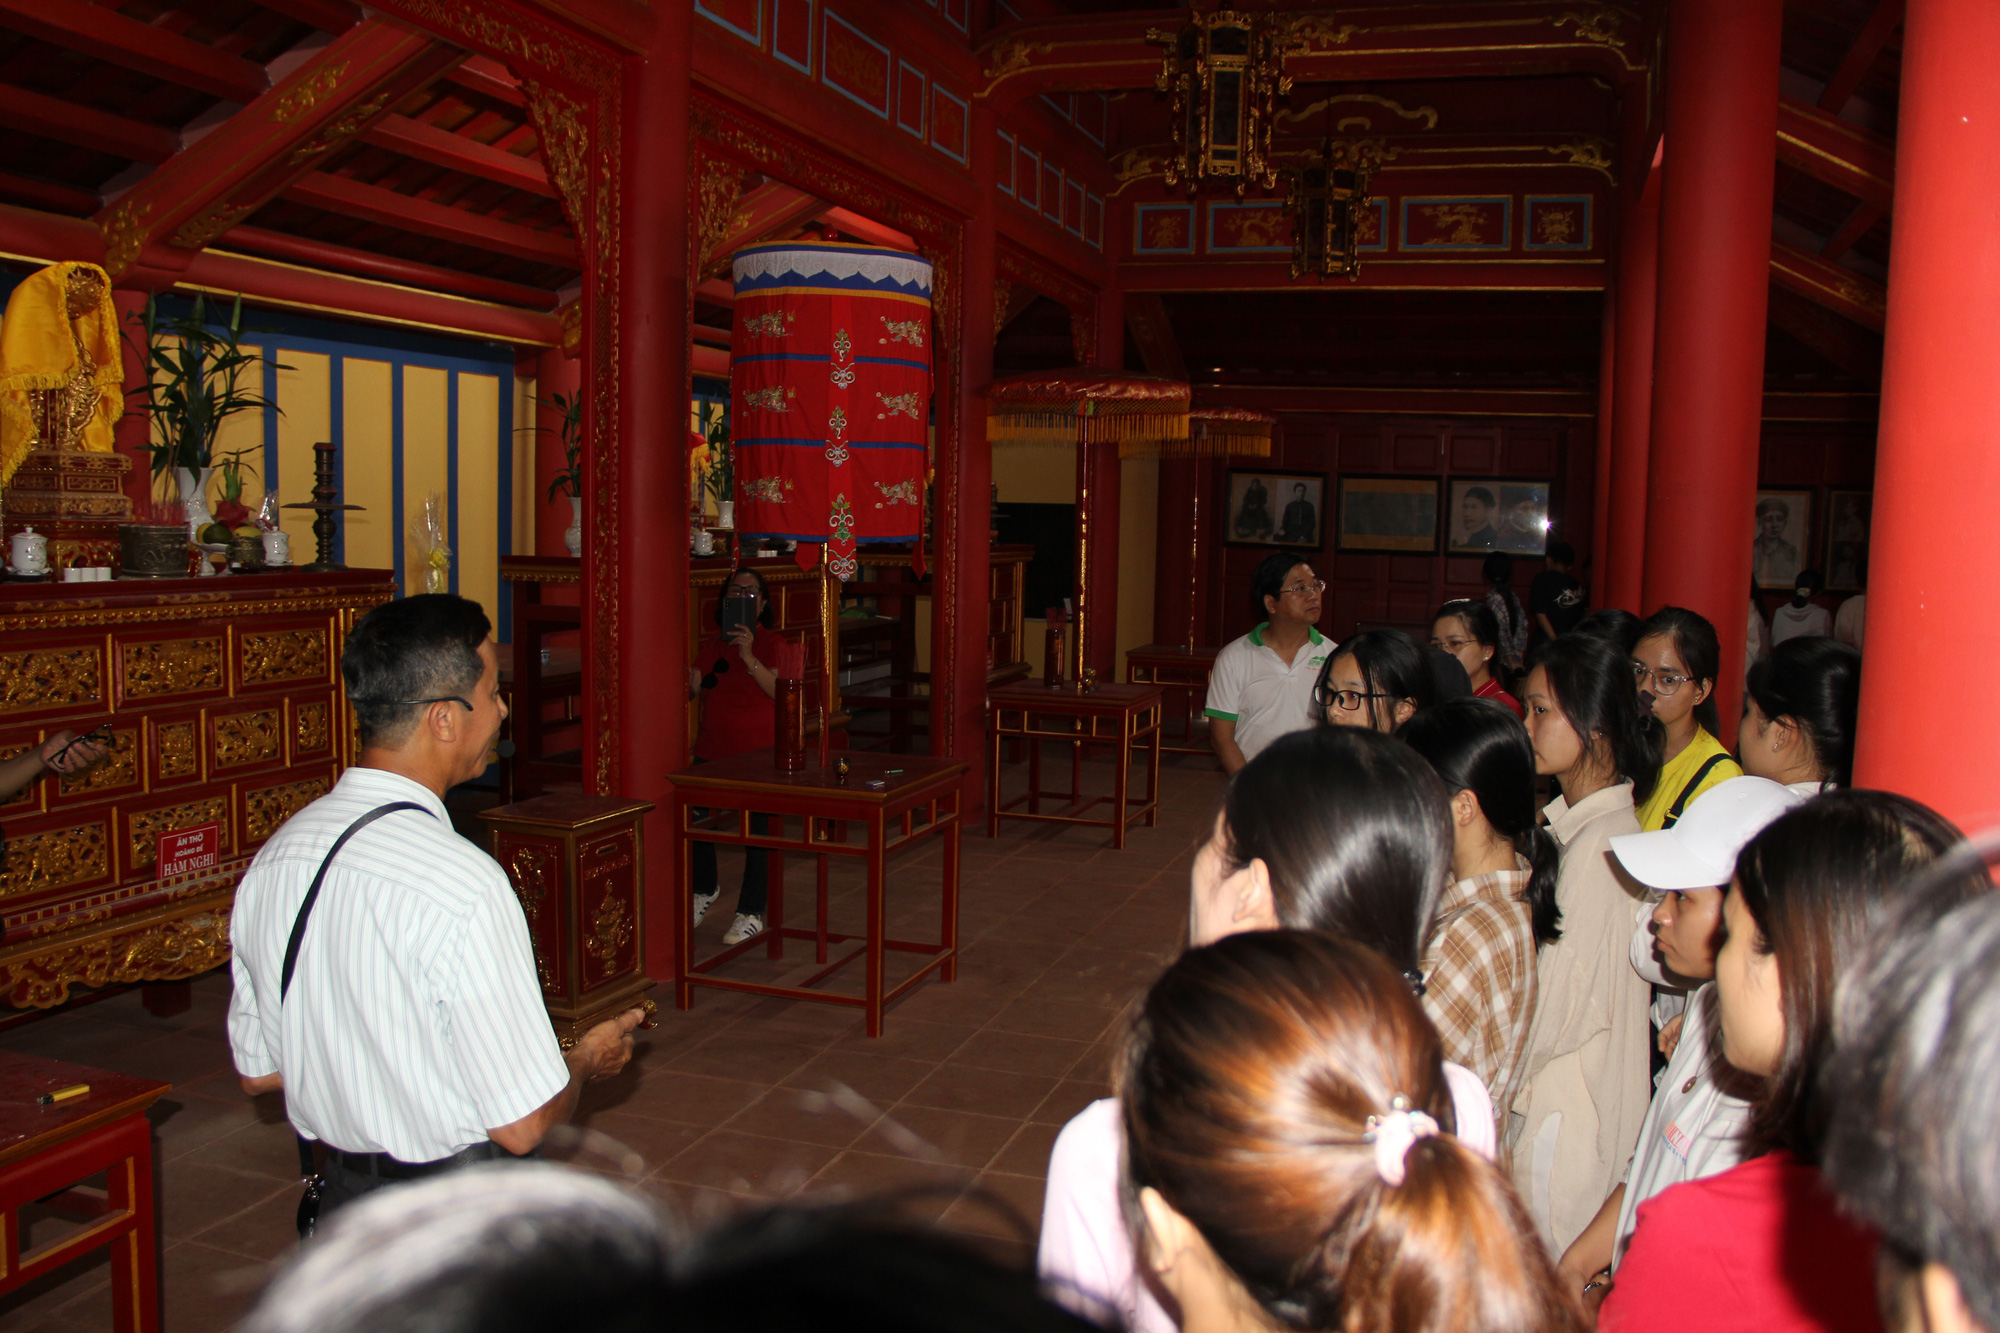 Khám phá tour du lịch học tập chỉ với 250.000 đồng ở Quảng Trị - Ảnh 8.